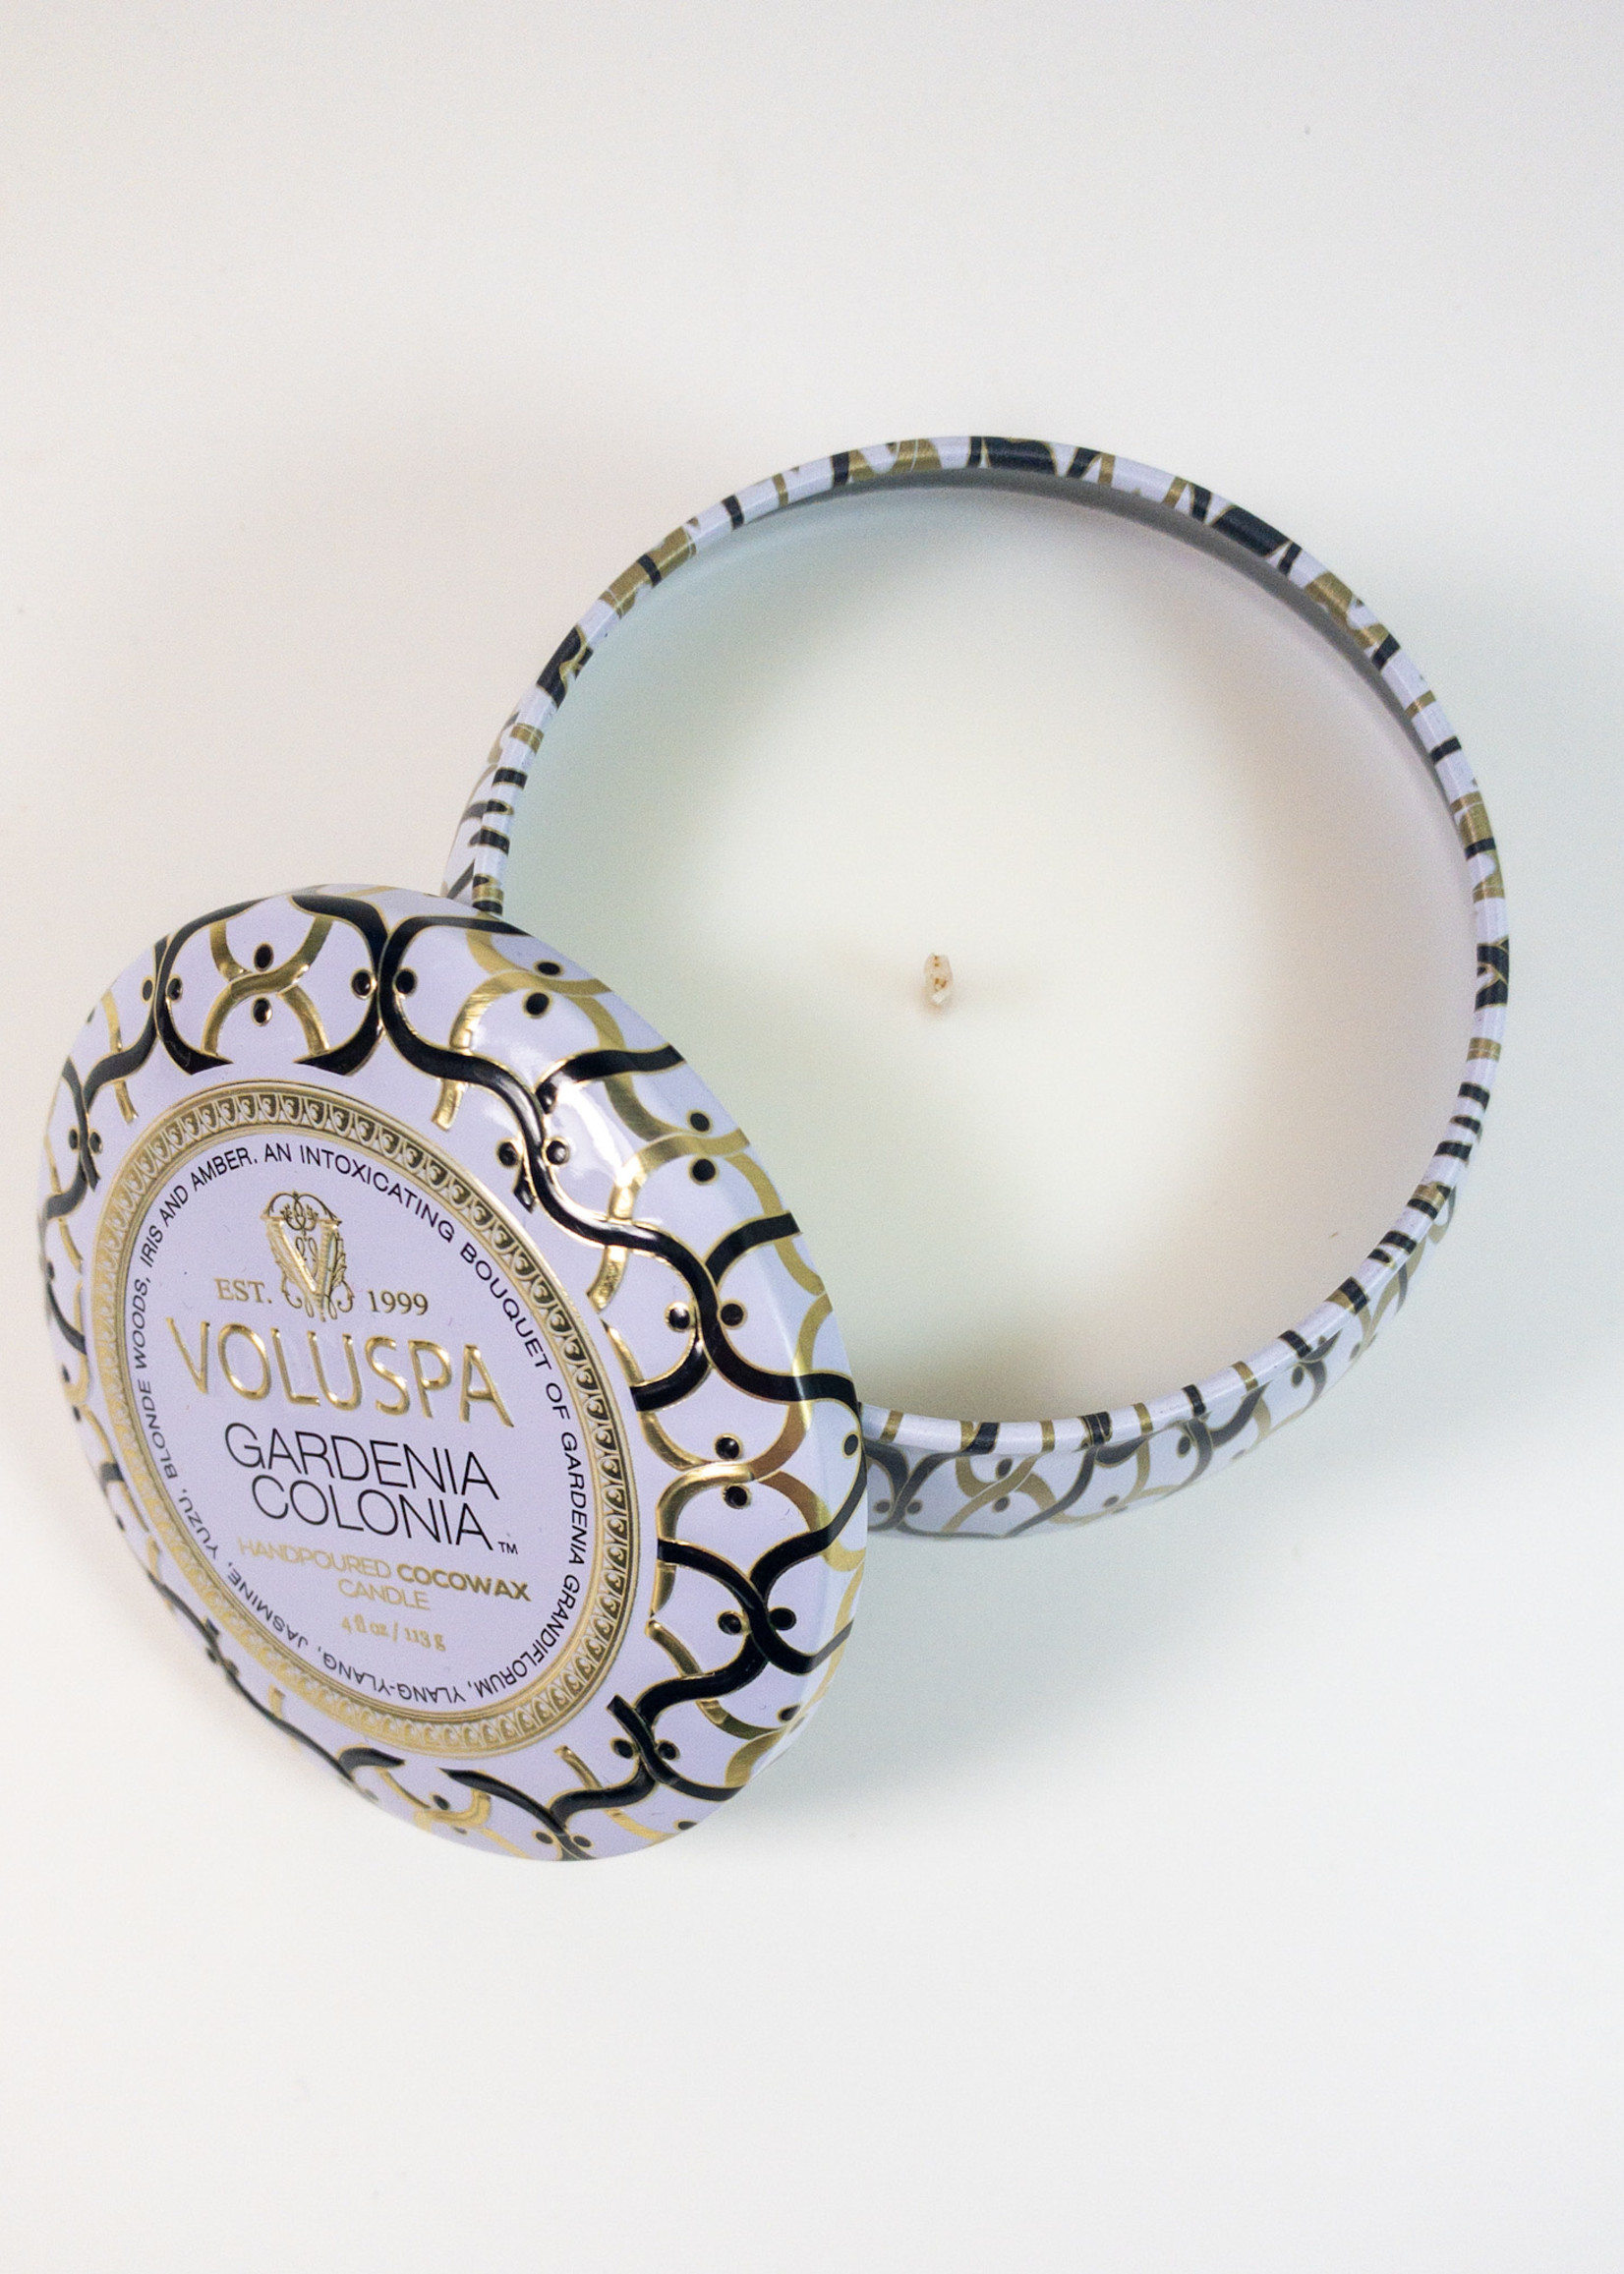 voluspa voluspa gardenia colonia mini tin candle